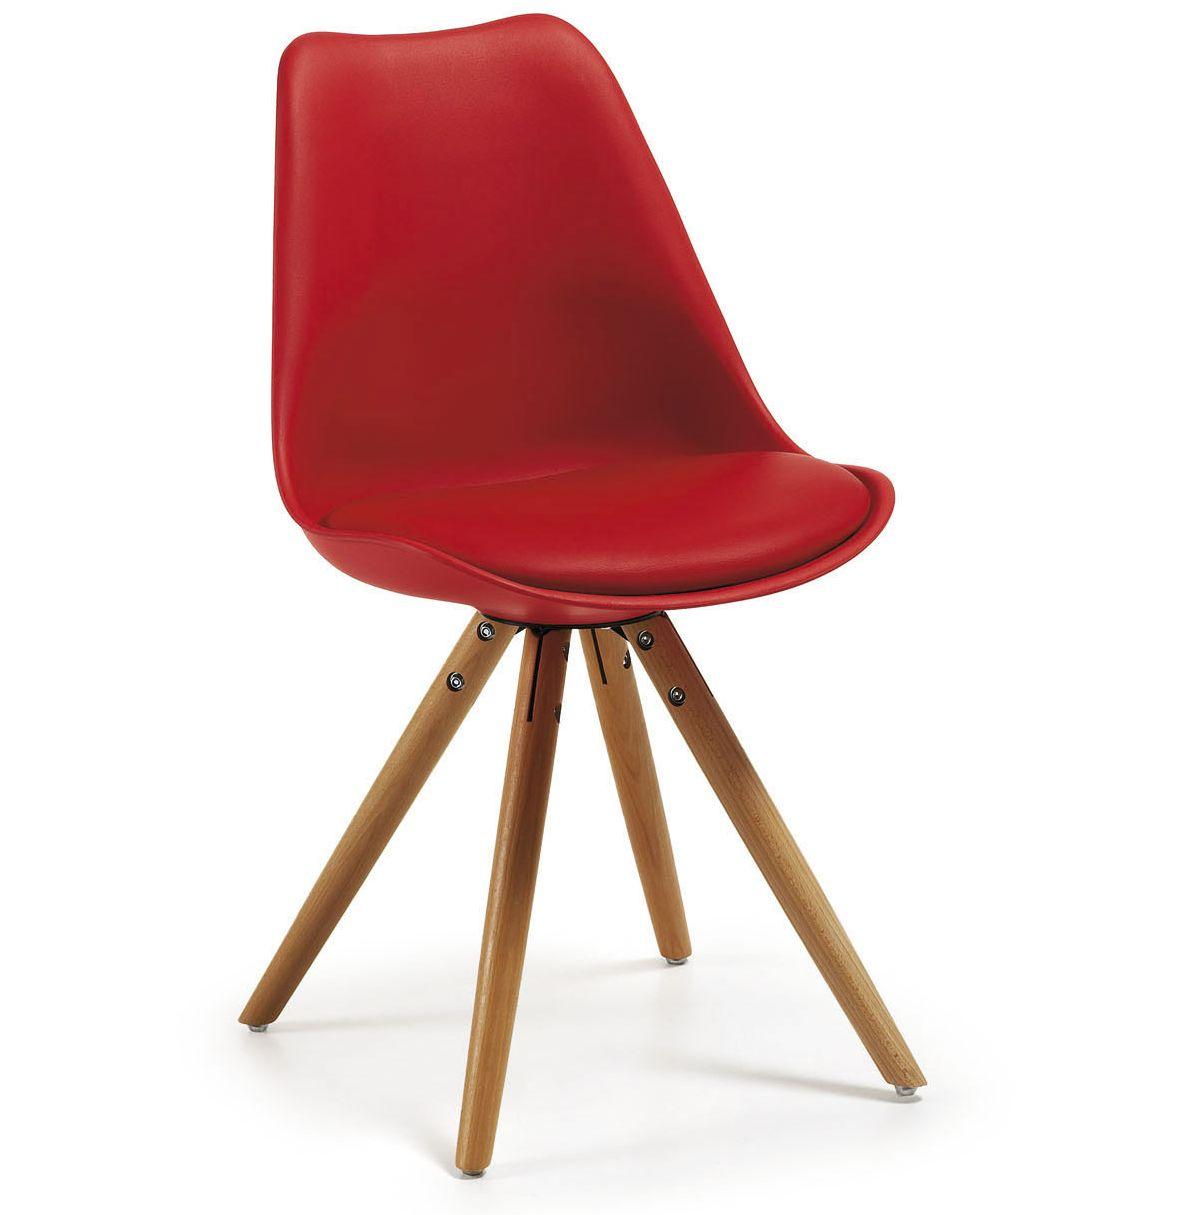 Chaise plastique et bois chaise coque pieds bois zebra for Chaise plastique bois